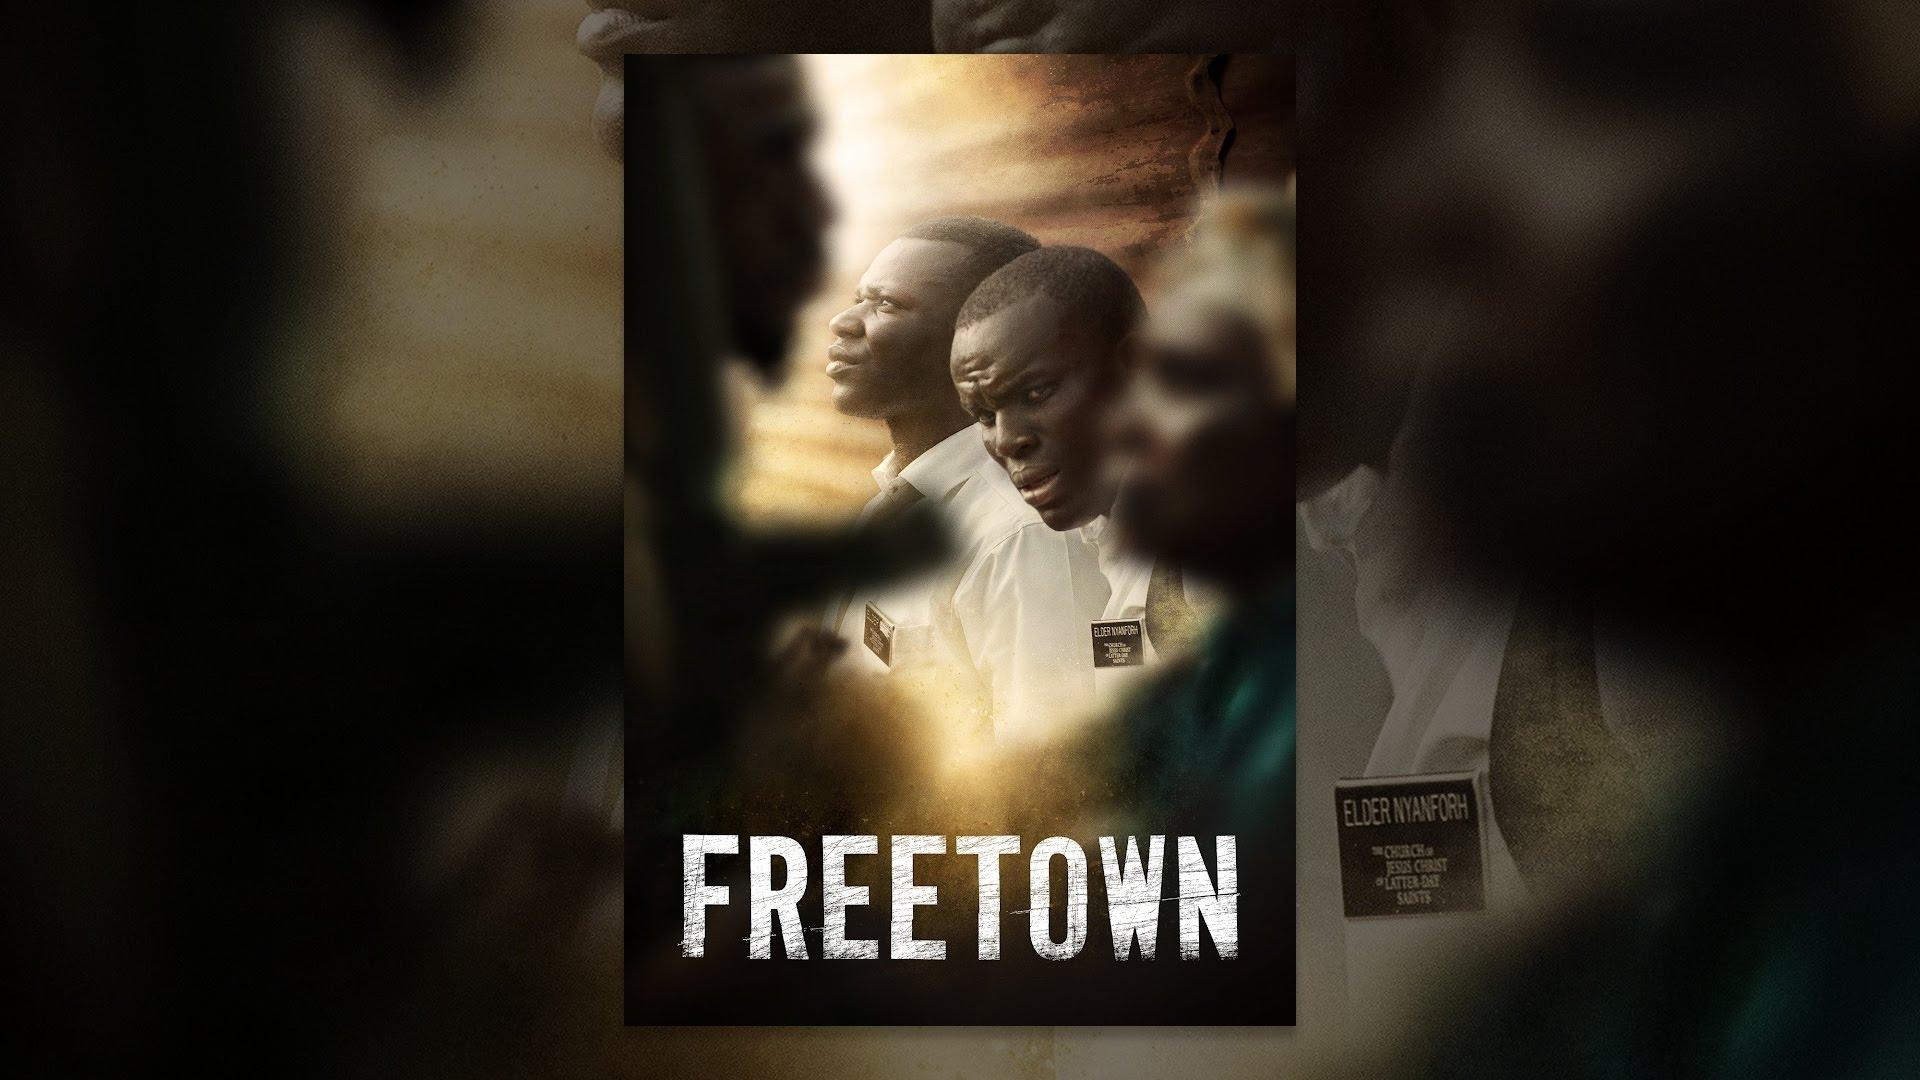 Download Freetown